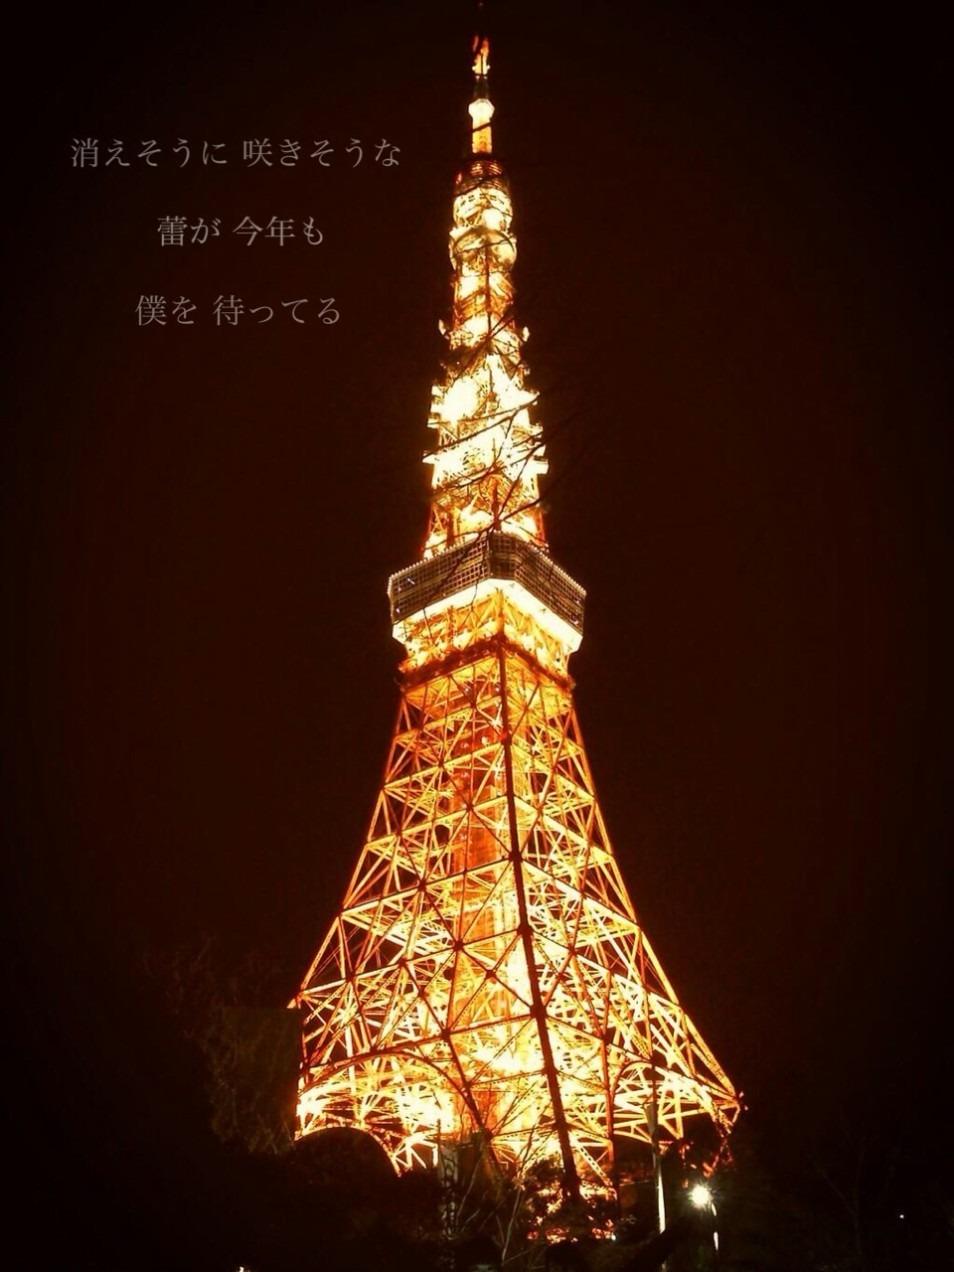 東京タワーの画像 p1_15